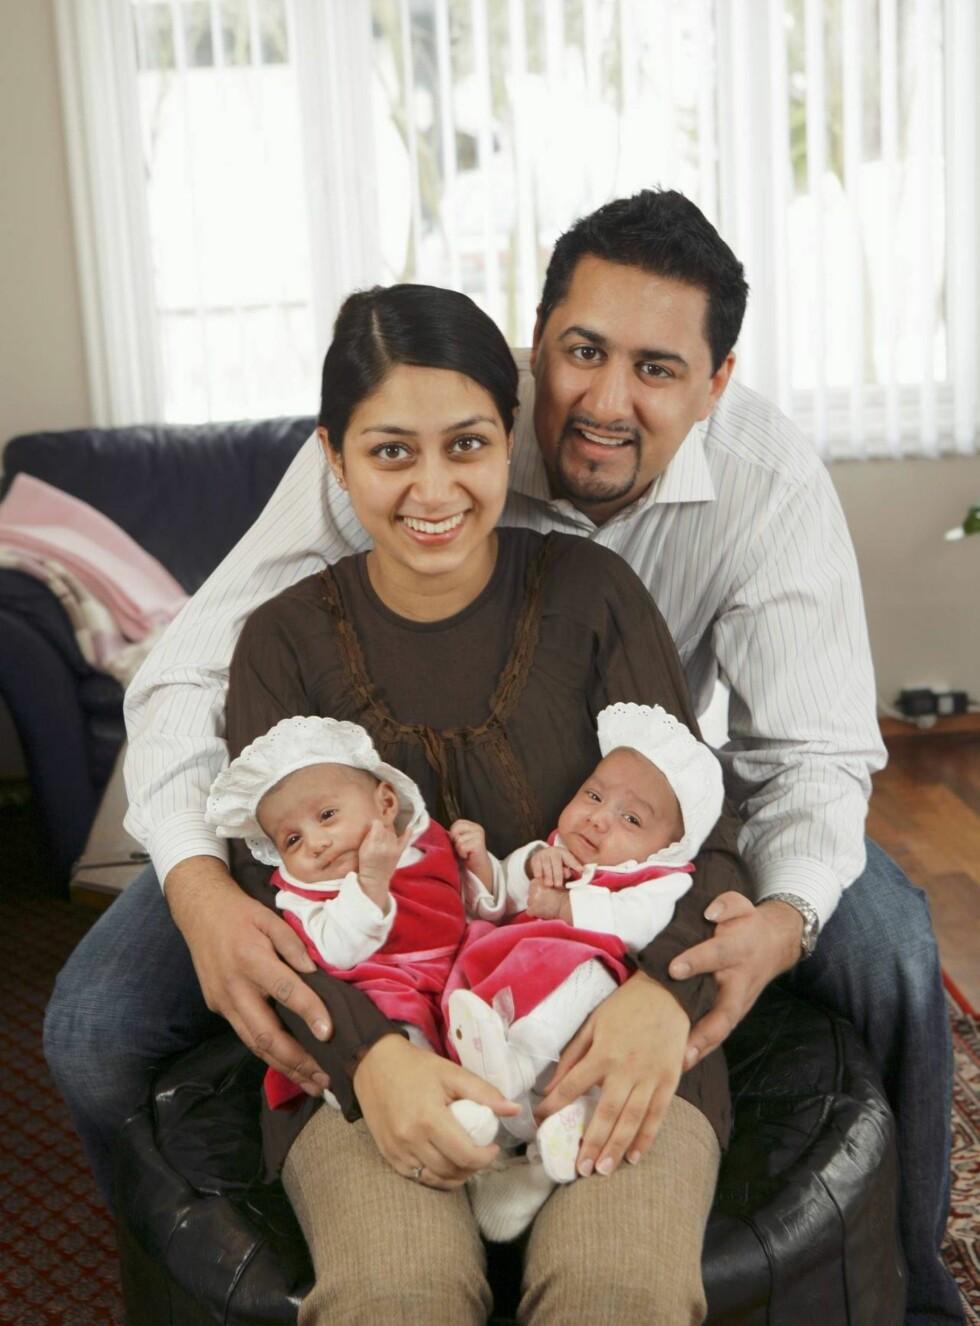 FAMILIELYKKE: - Jeg trodde aldri jeg ville bli så lykkelig, sier Abid Raja om å bli far til lille Sara og Maya. Foto: Se og Hør